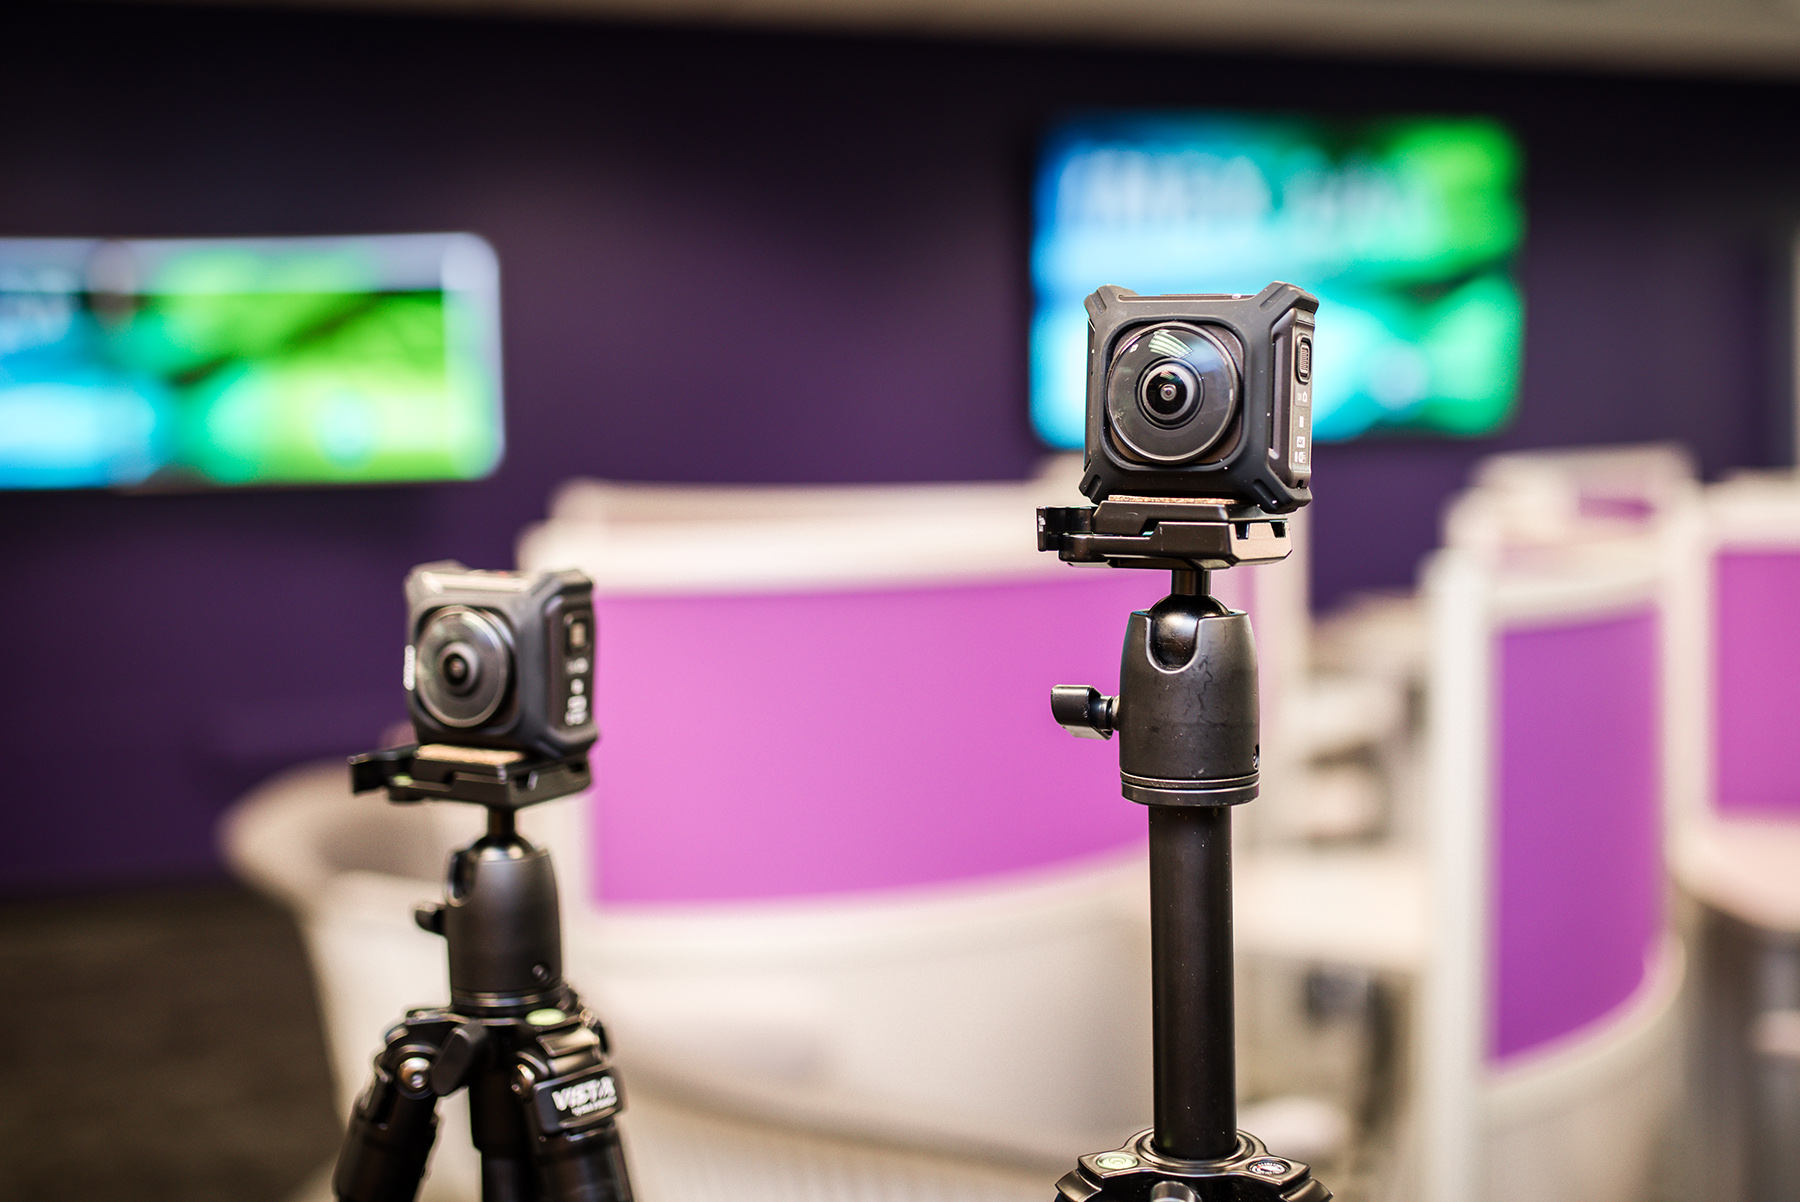 360º Cameras